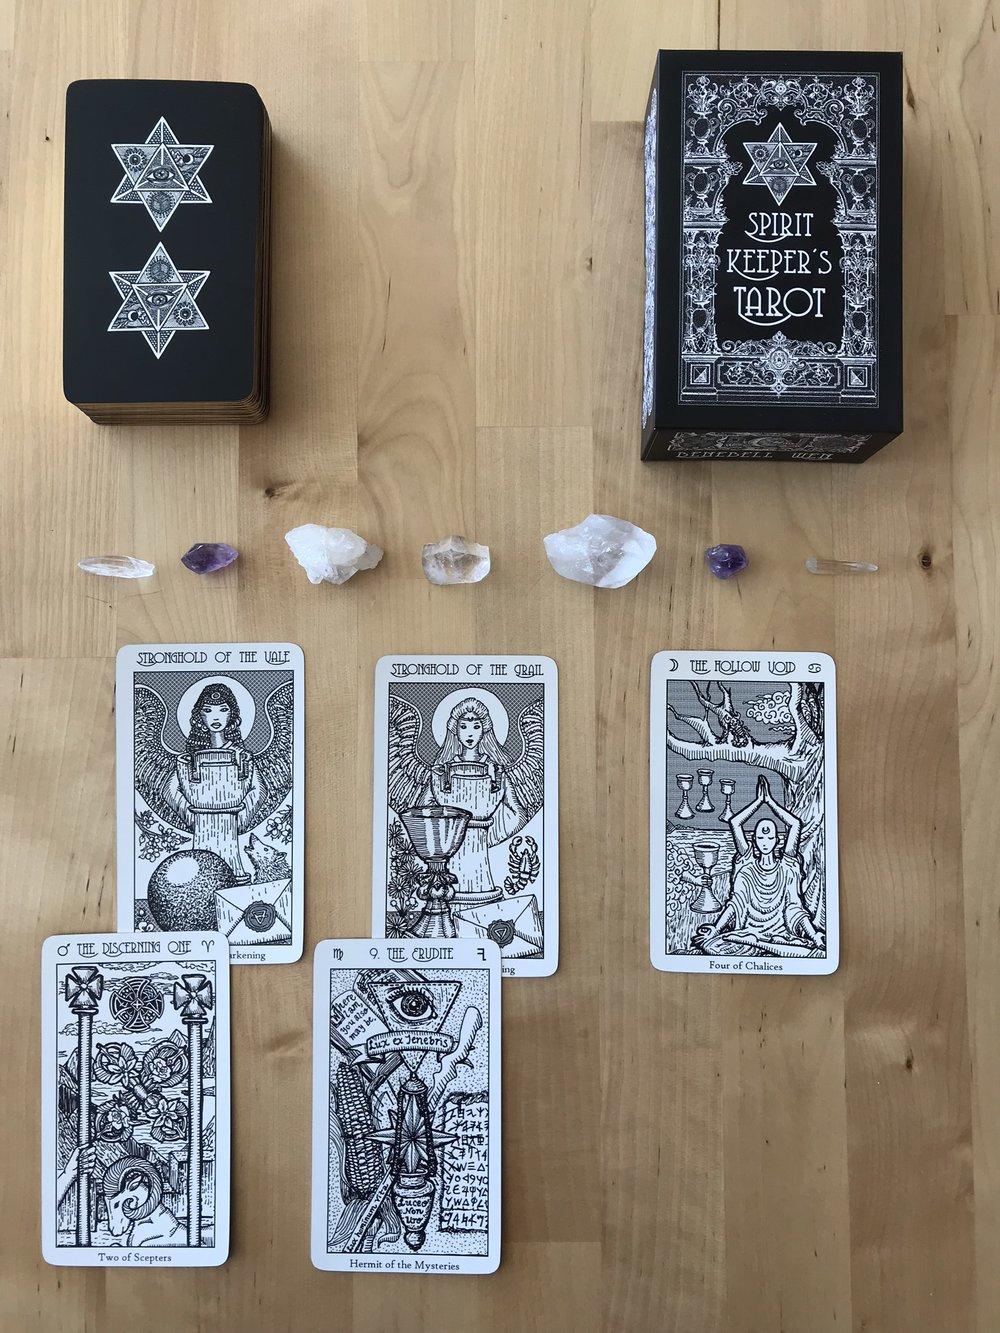 Spirit Keeper's Tarot - A Tarot system by Benebell Wen